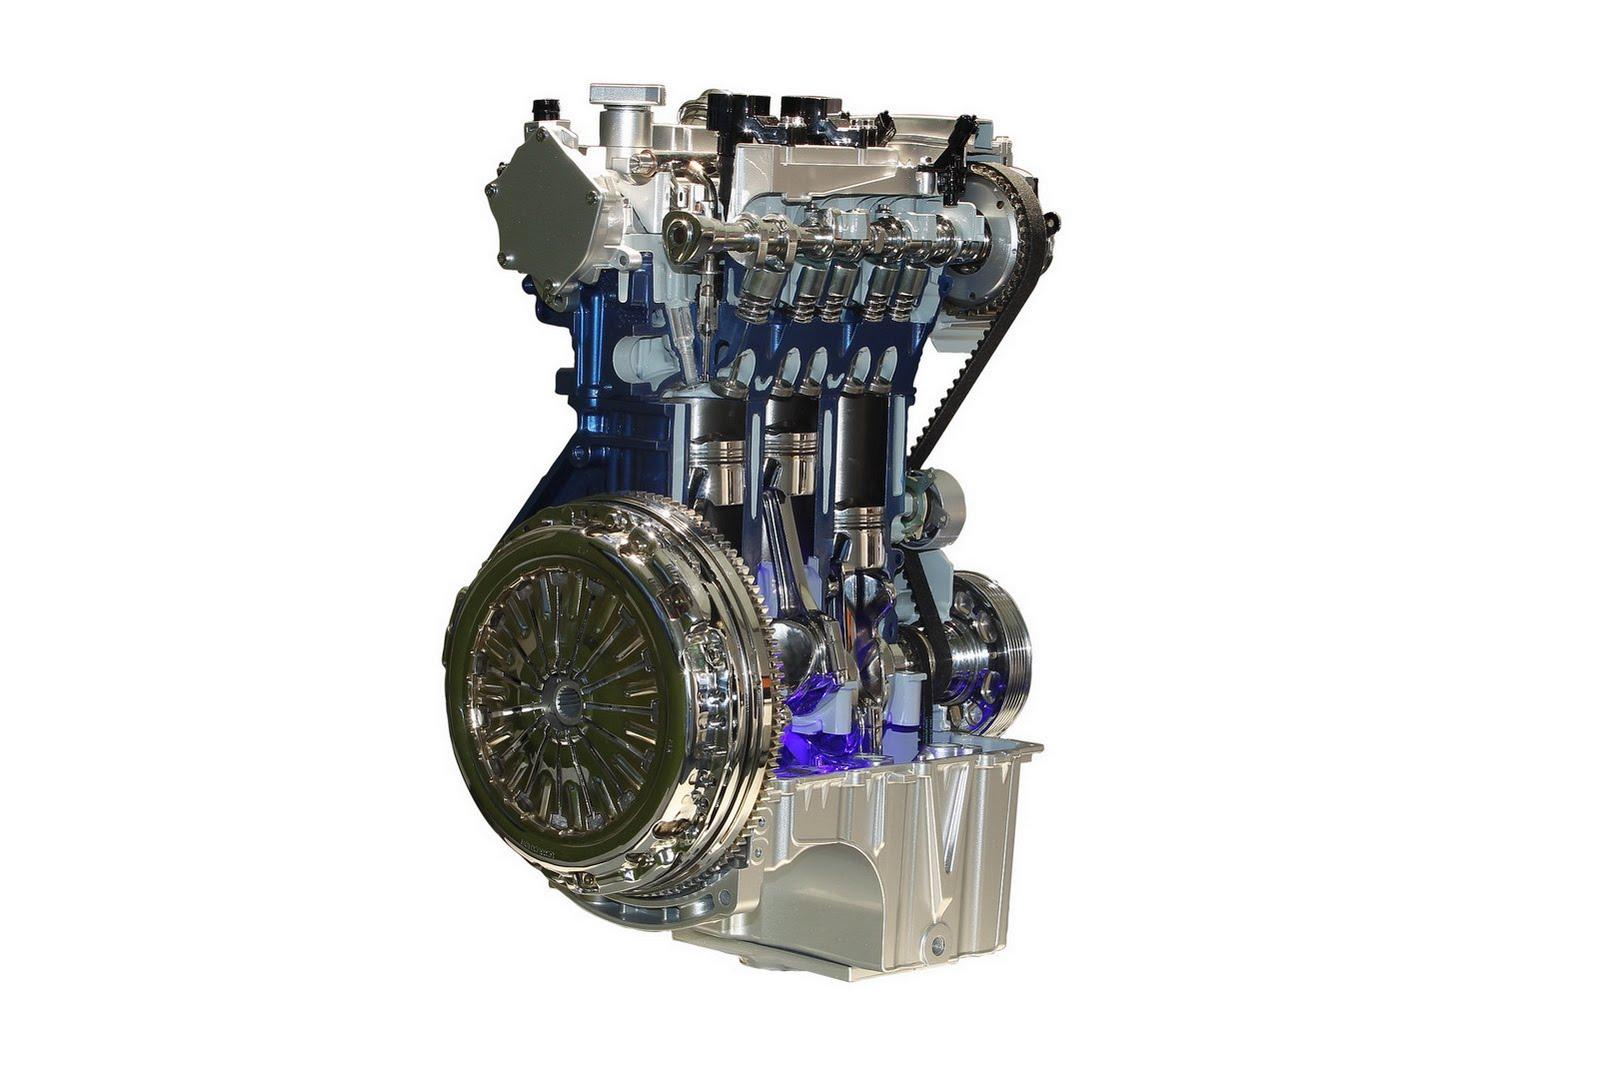 2 7 L Ecoboost V6 >> Cylinder Order On A 3 5 Ecoboost Engine   Autos Post